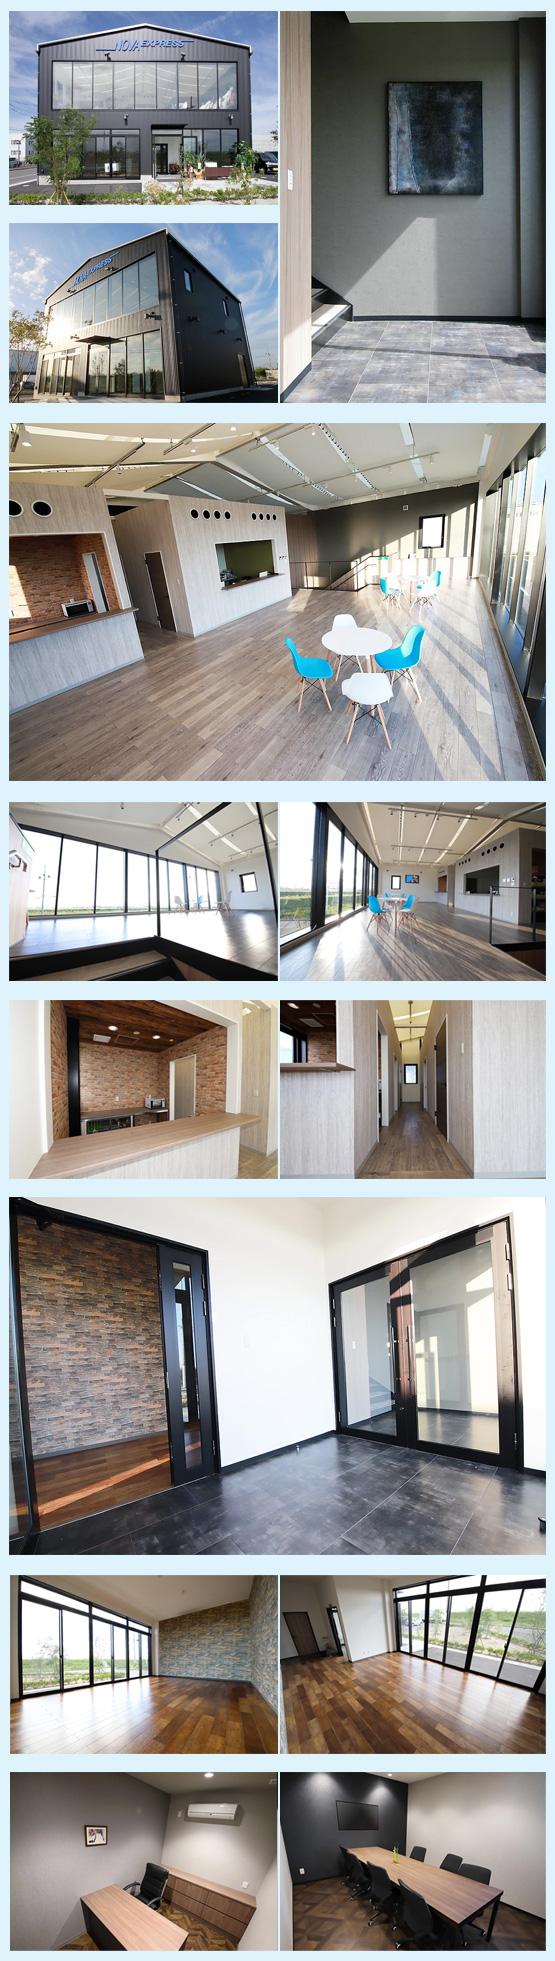 オフィス・ホテル・スクール・ジム 内装デザイン事例32